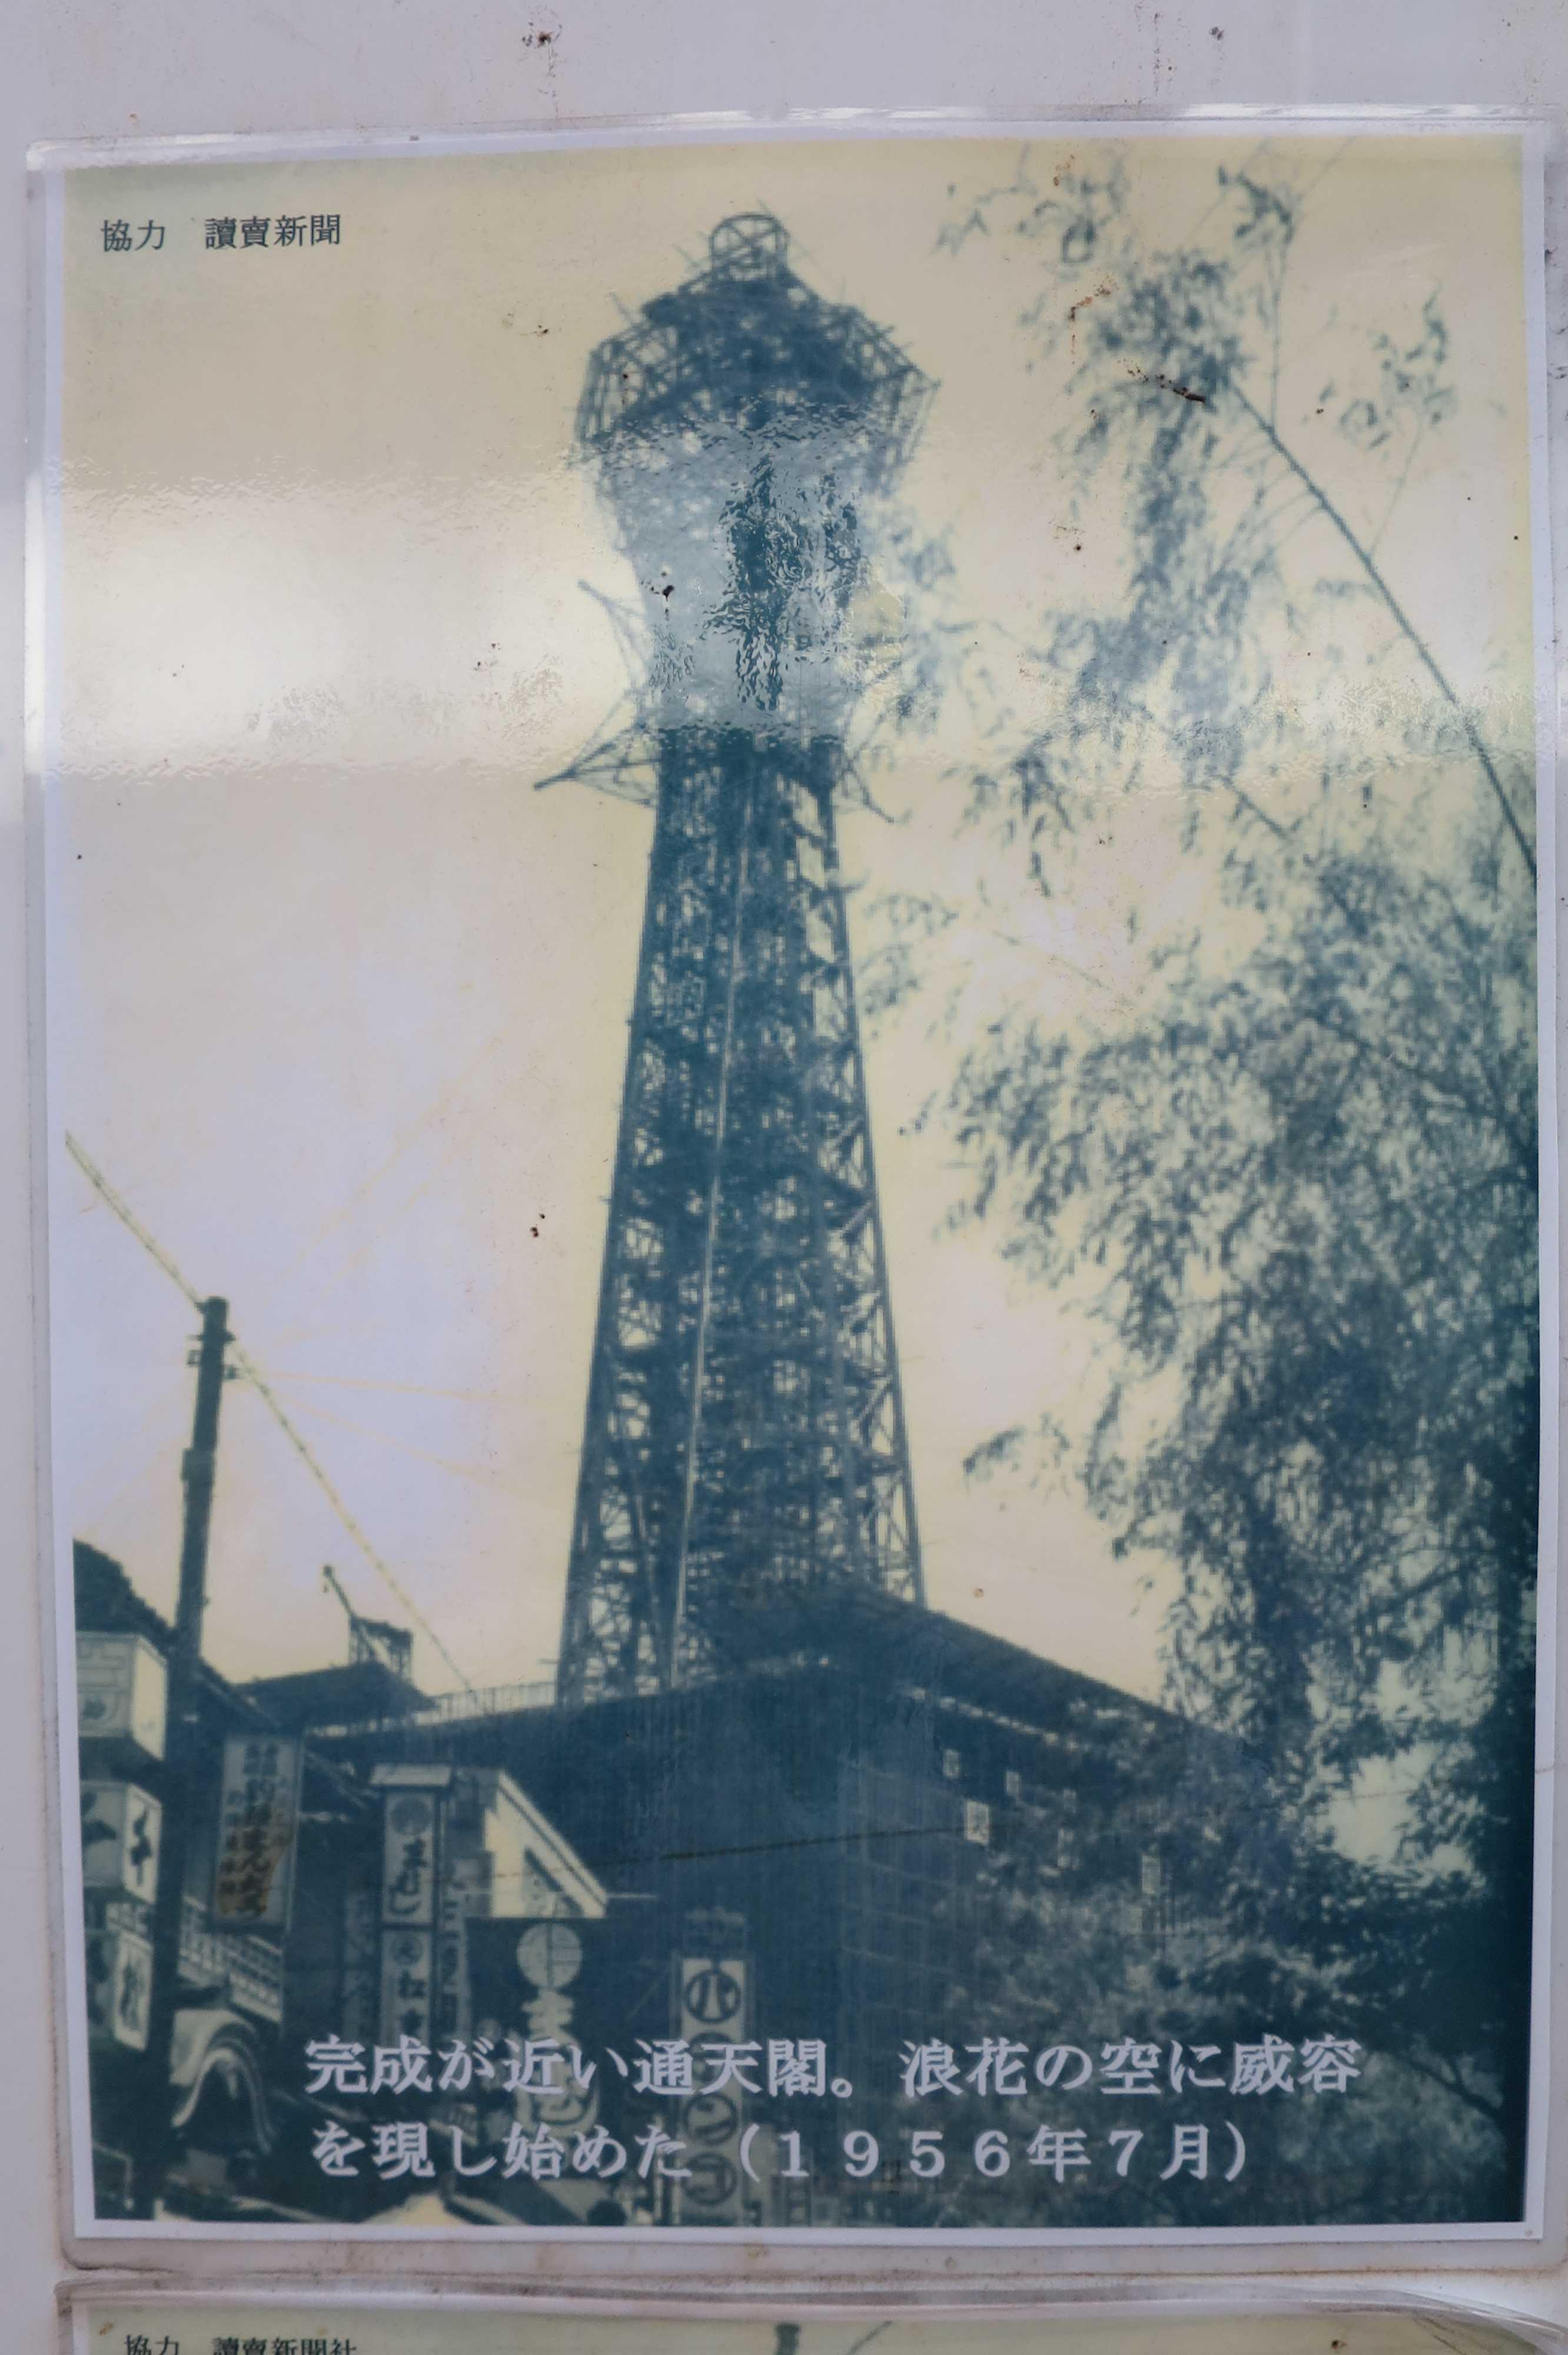 完成が近い通天閣の写真 - 昭和31年(1956年)7月